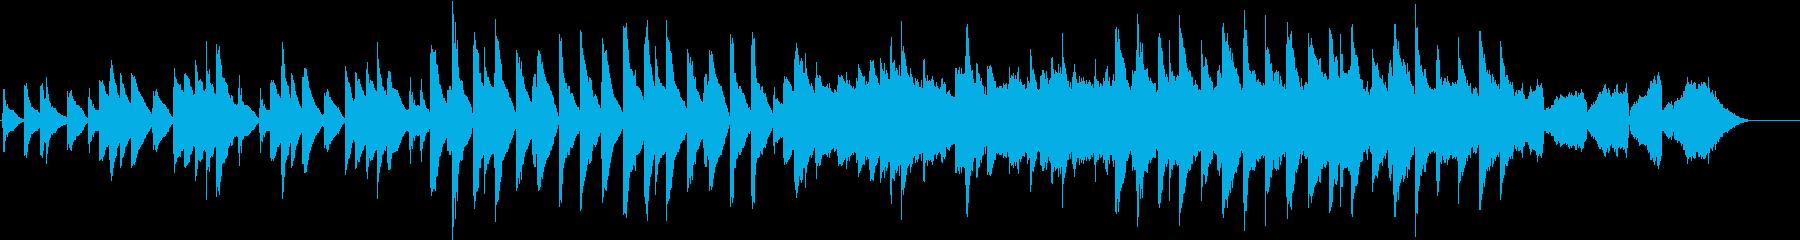 ピアノと弦楽器の音が特徴的のバラードの再生済みの波形